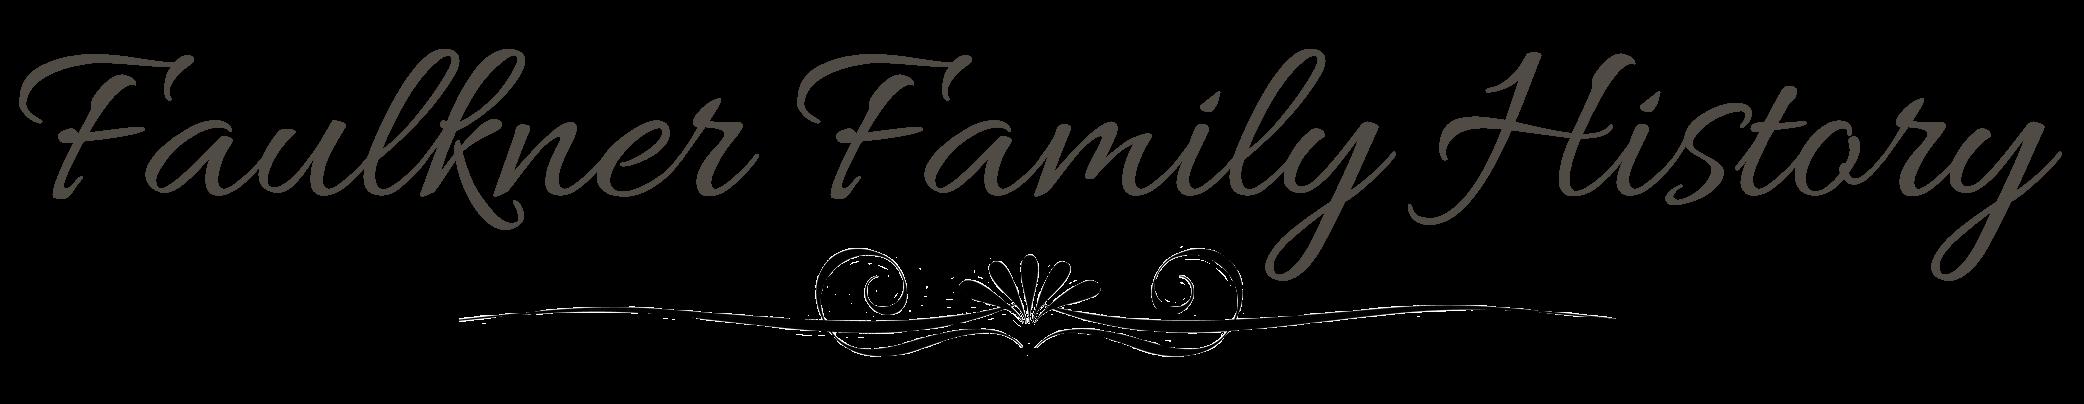 Our Faulkner Family History